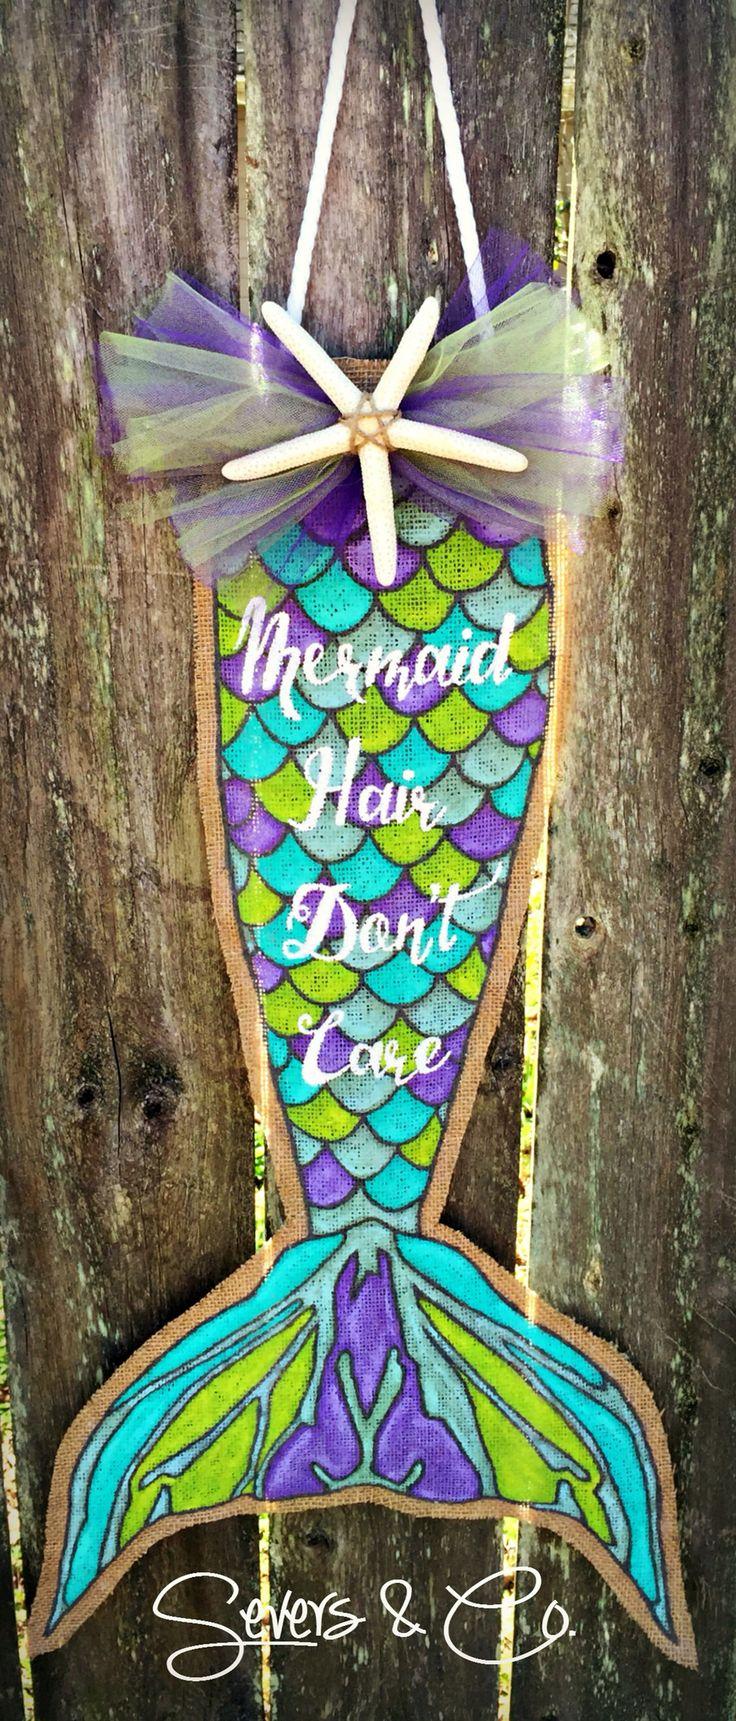 Mermaid Tales burlap door hanger by Severs u0026 Co. $45+shipping. Visit us & 1049 best burlap door hangers images on Pinterest | Burlap crafts ... pezcame.com